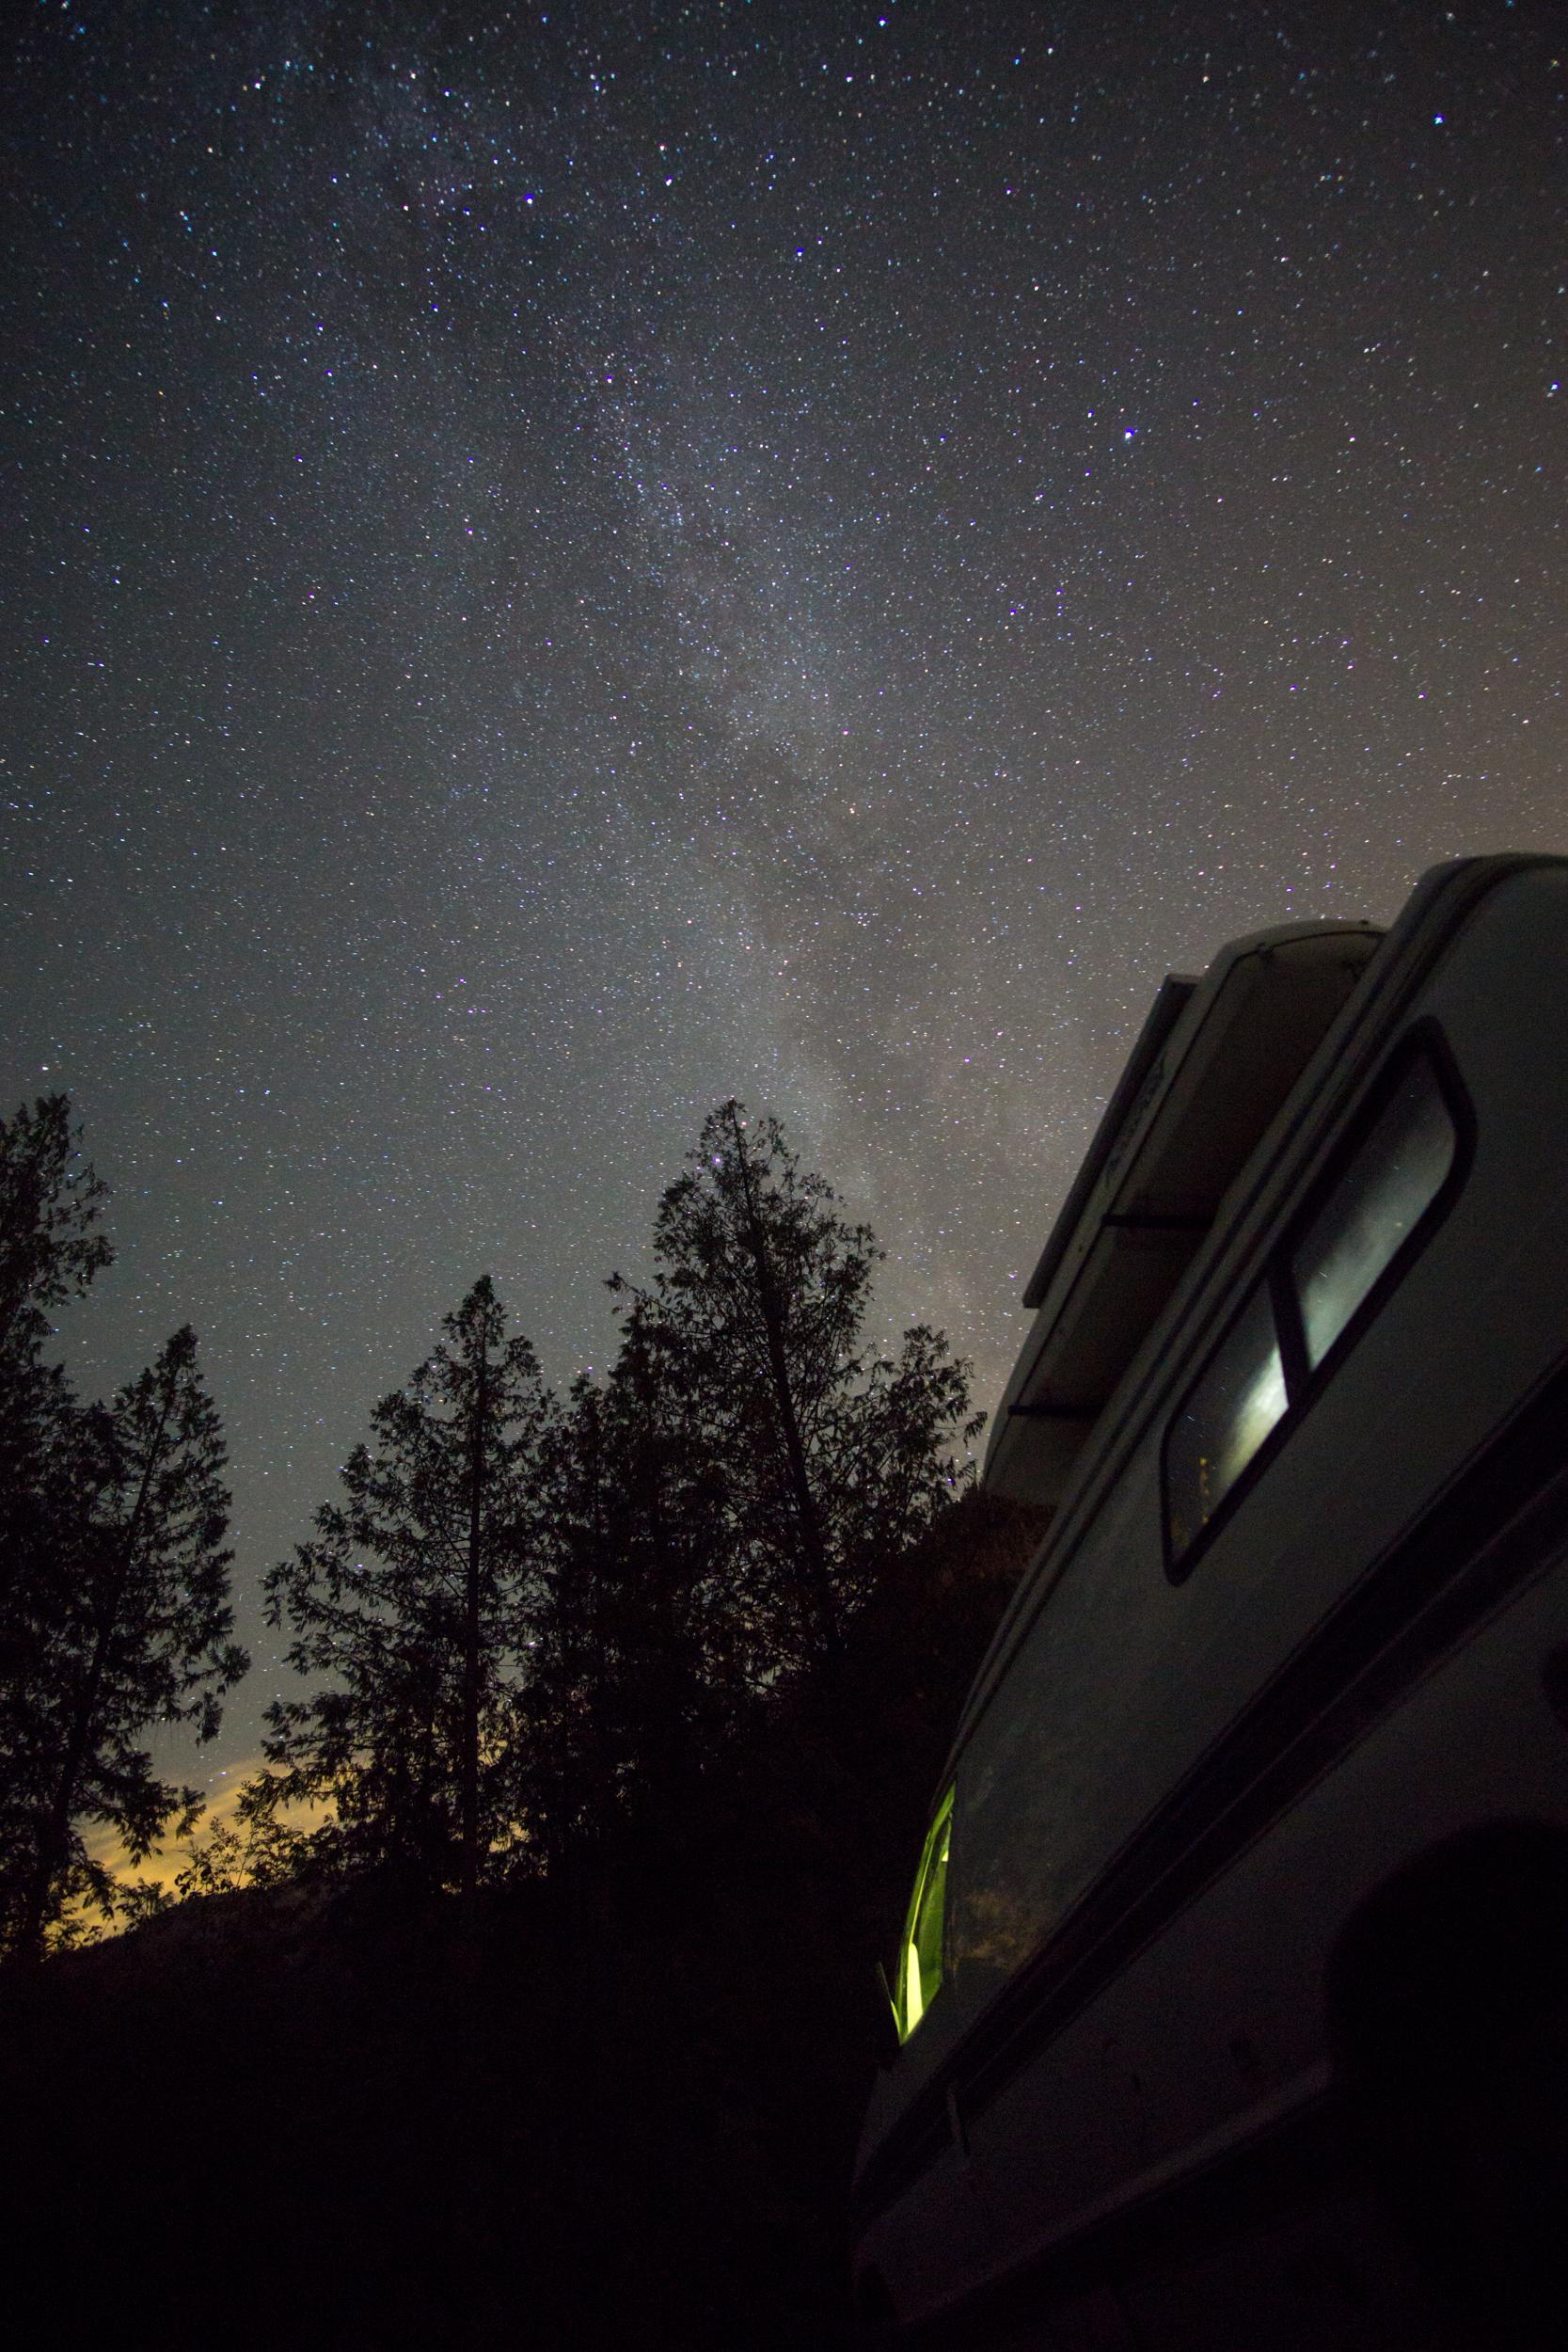 Campsite sky in Squamish